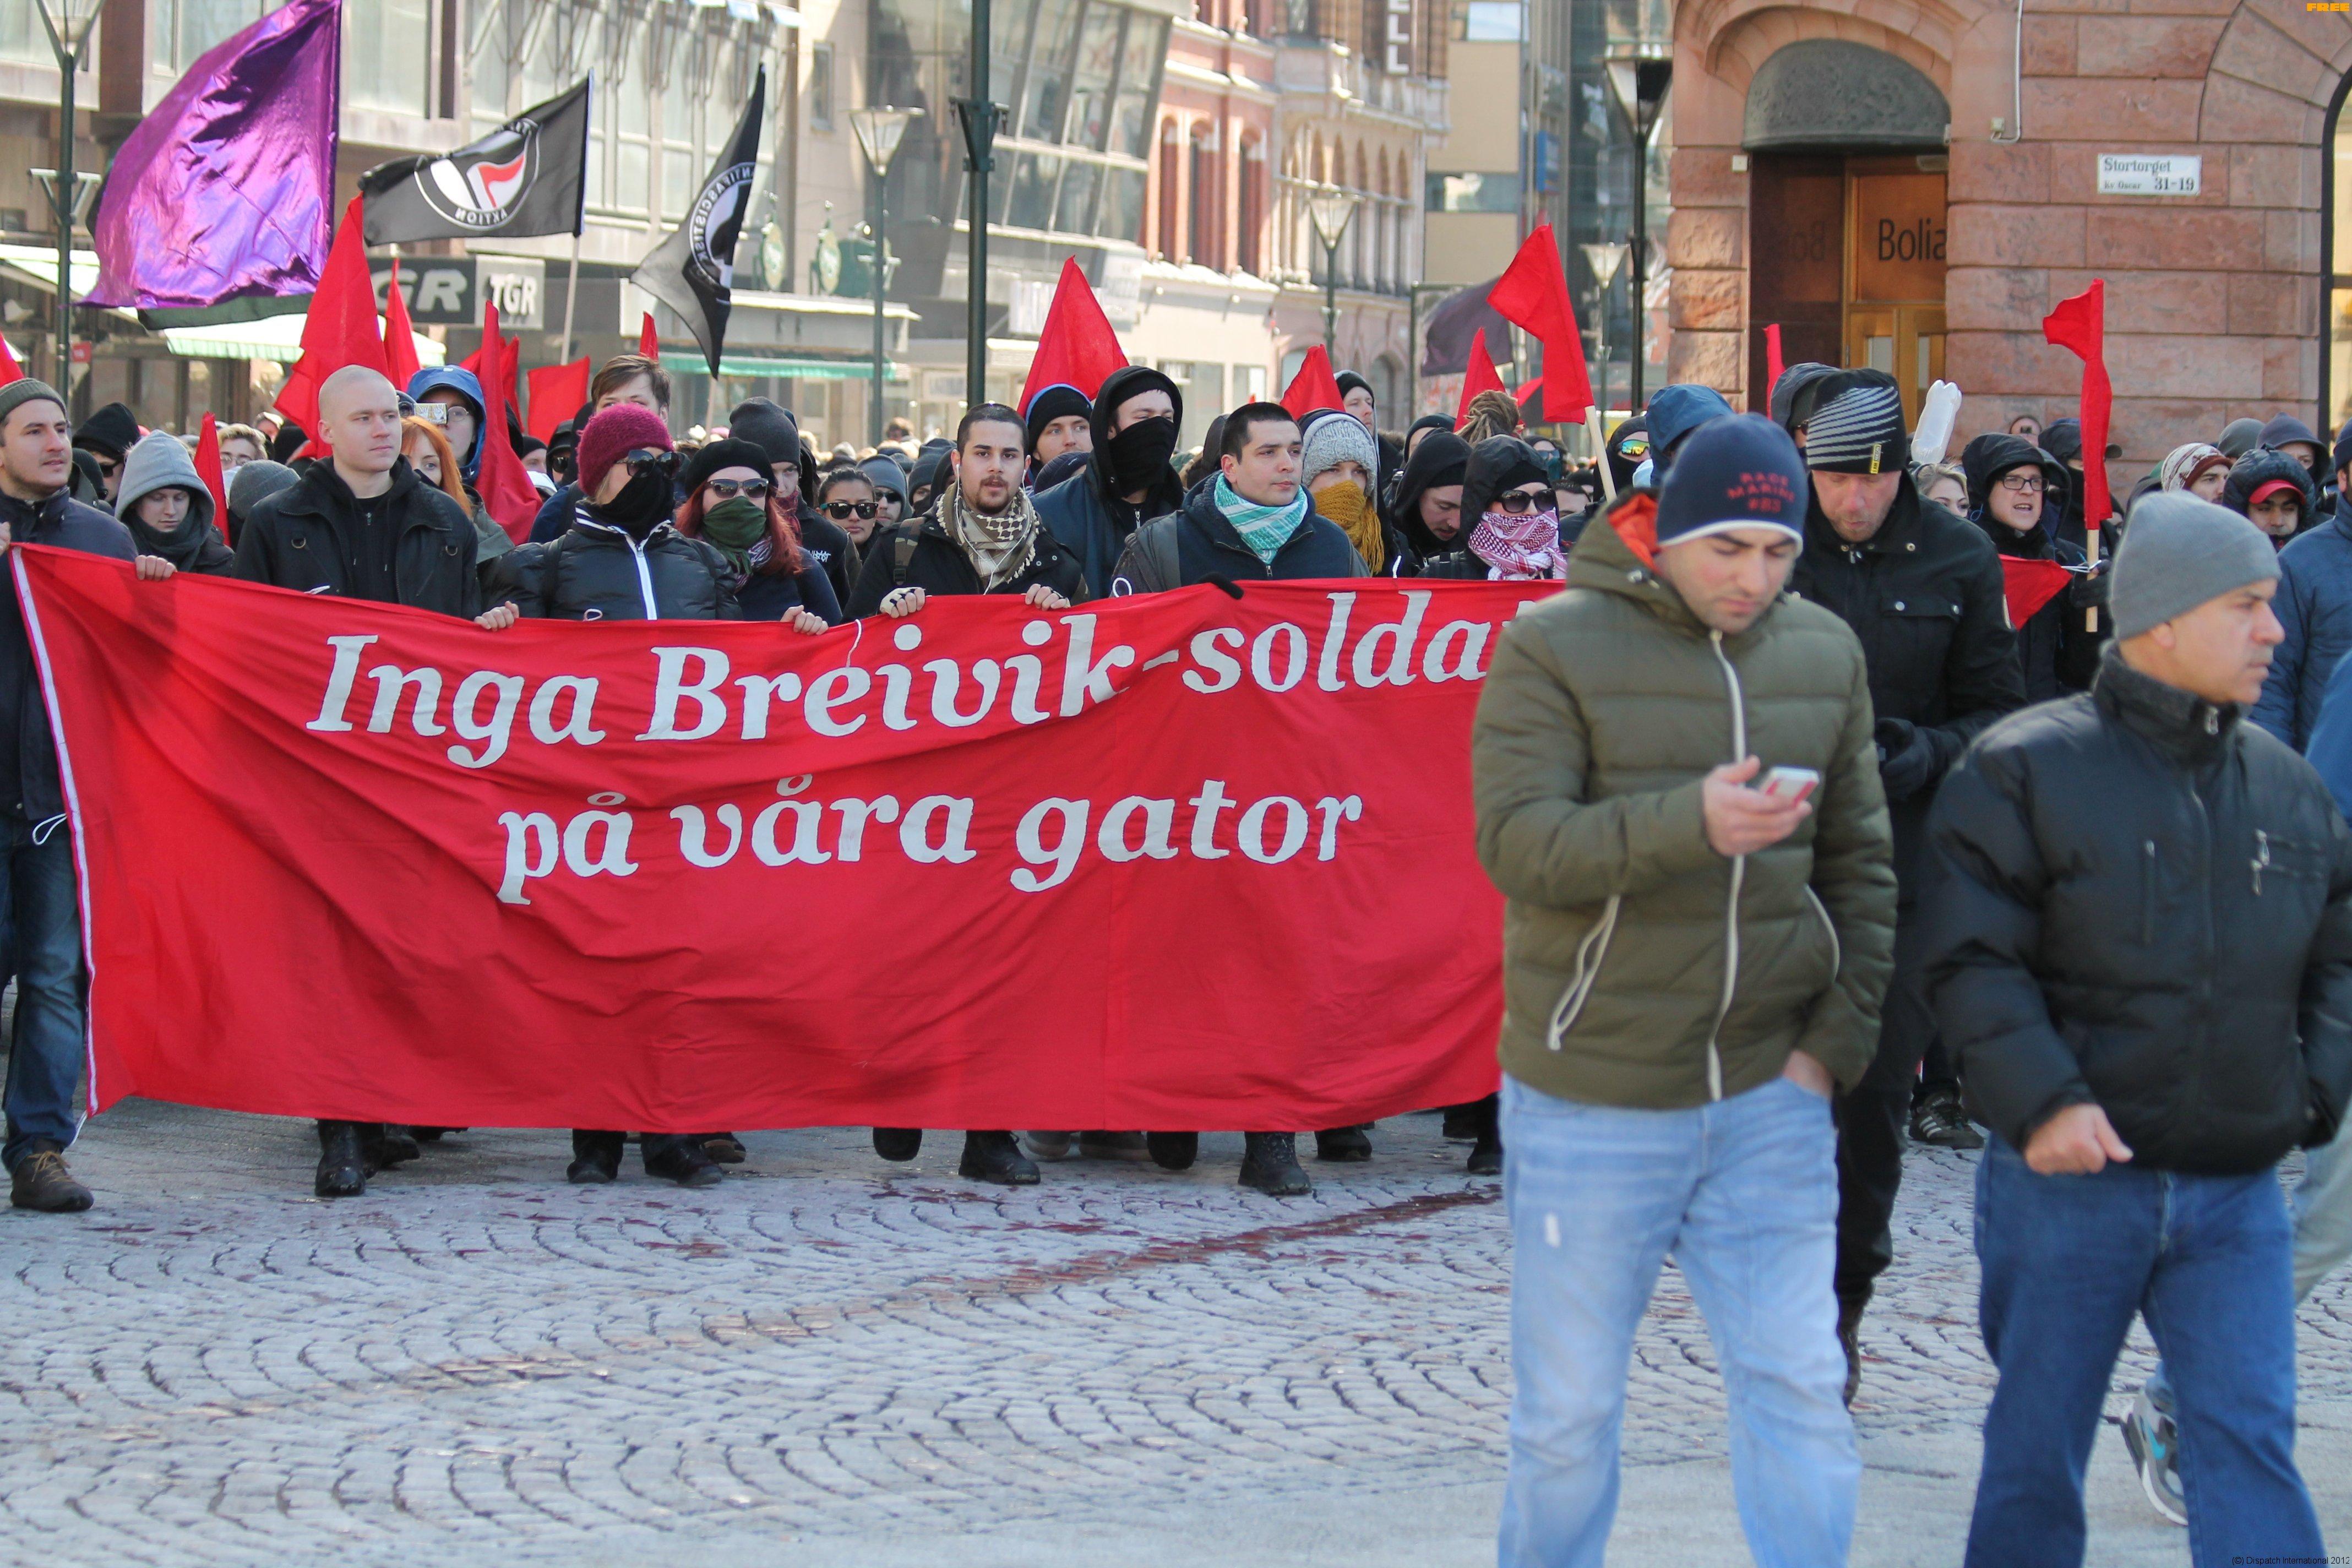 Malmö anti-SDL protest